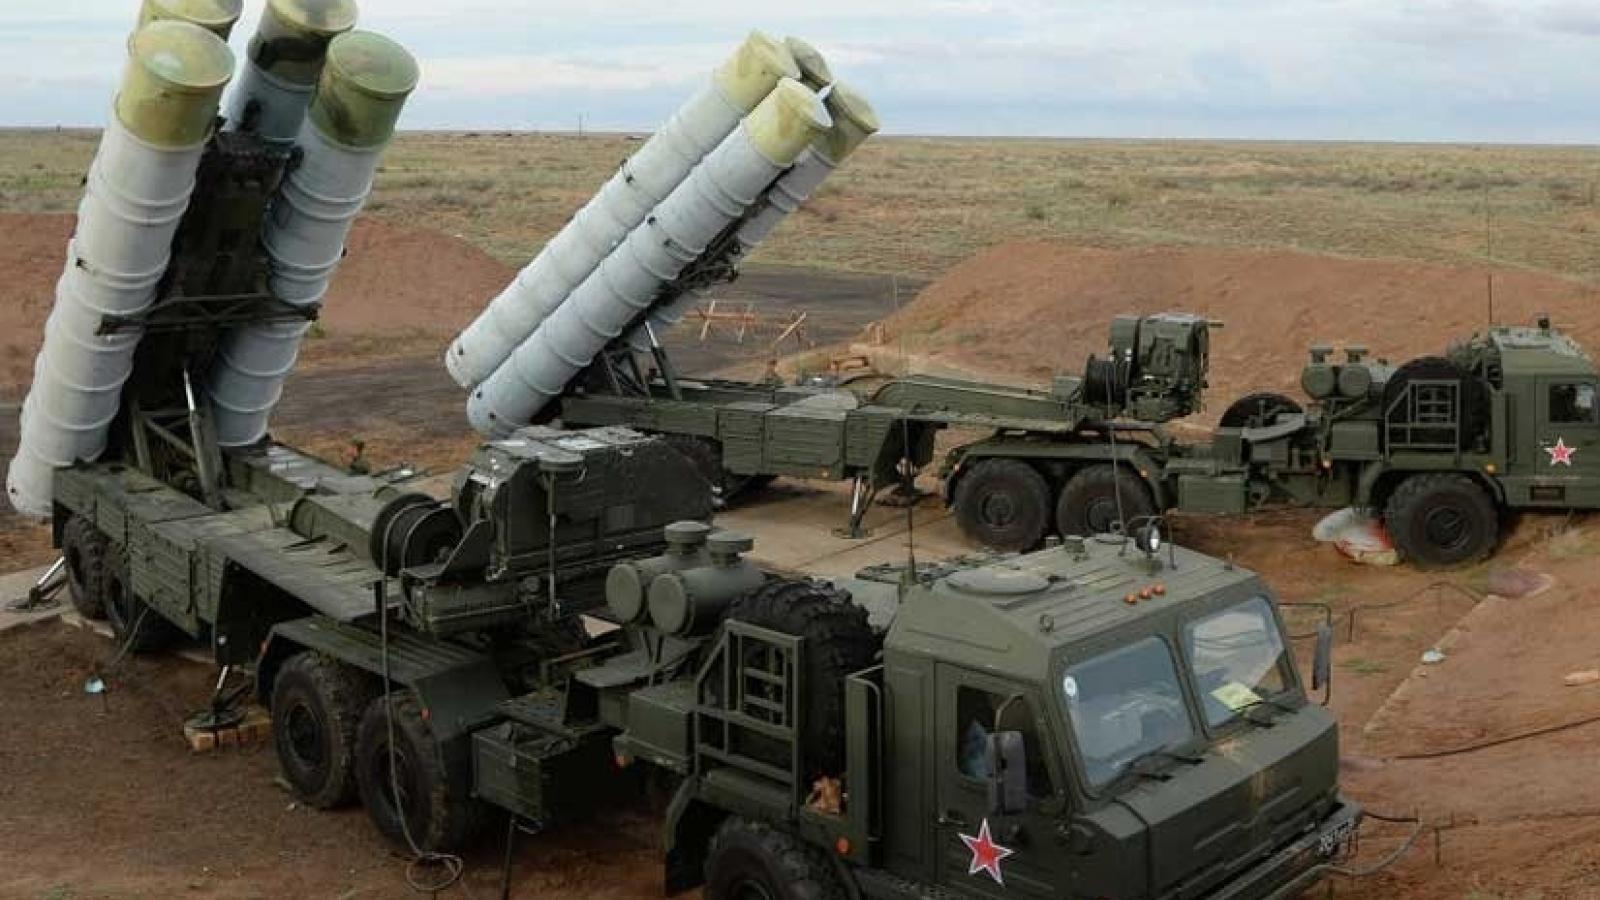 Liên Hợp Quốc kêu gọi Nga và Mỹ gia hạn START-3 trong vòng 5 năm